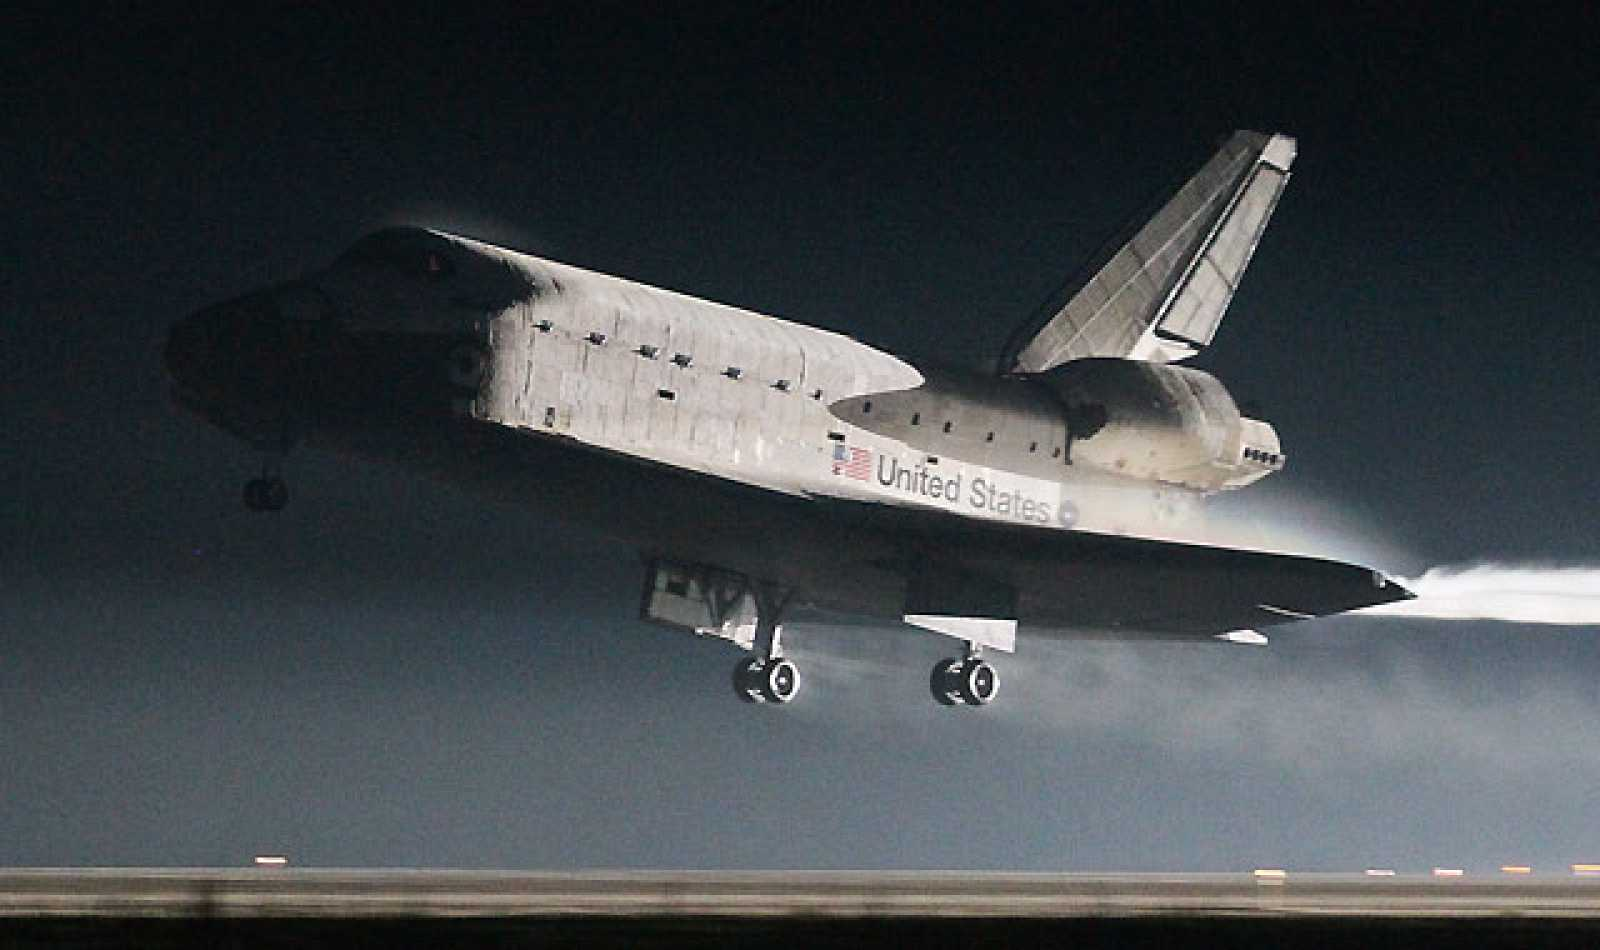 El Atlantis aterriza con éxito y pone fin a la era de los transbordadores